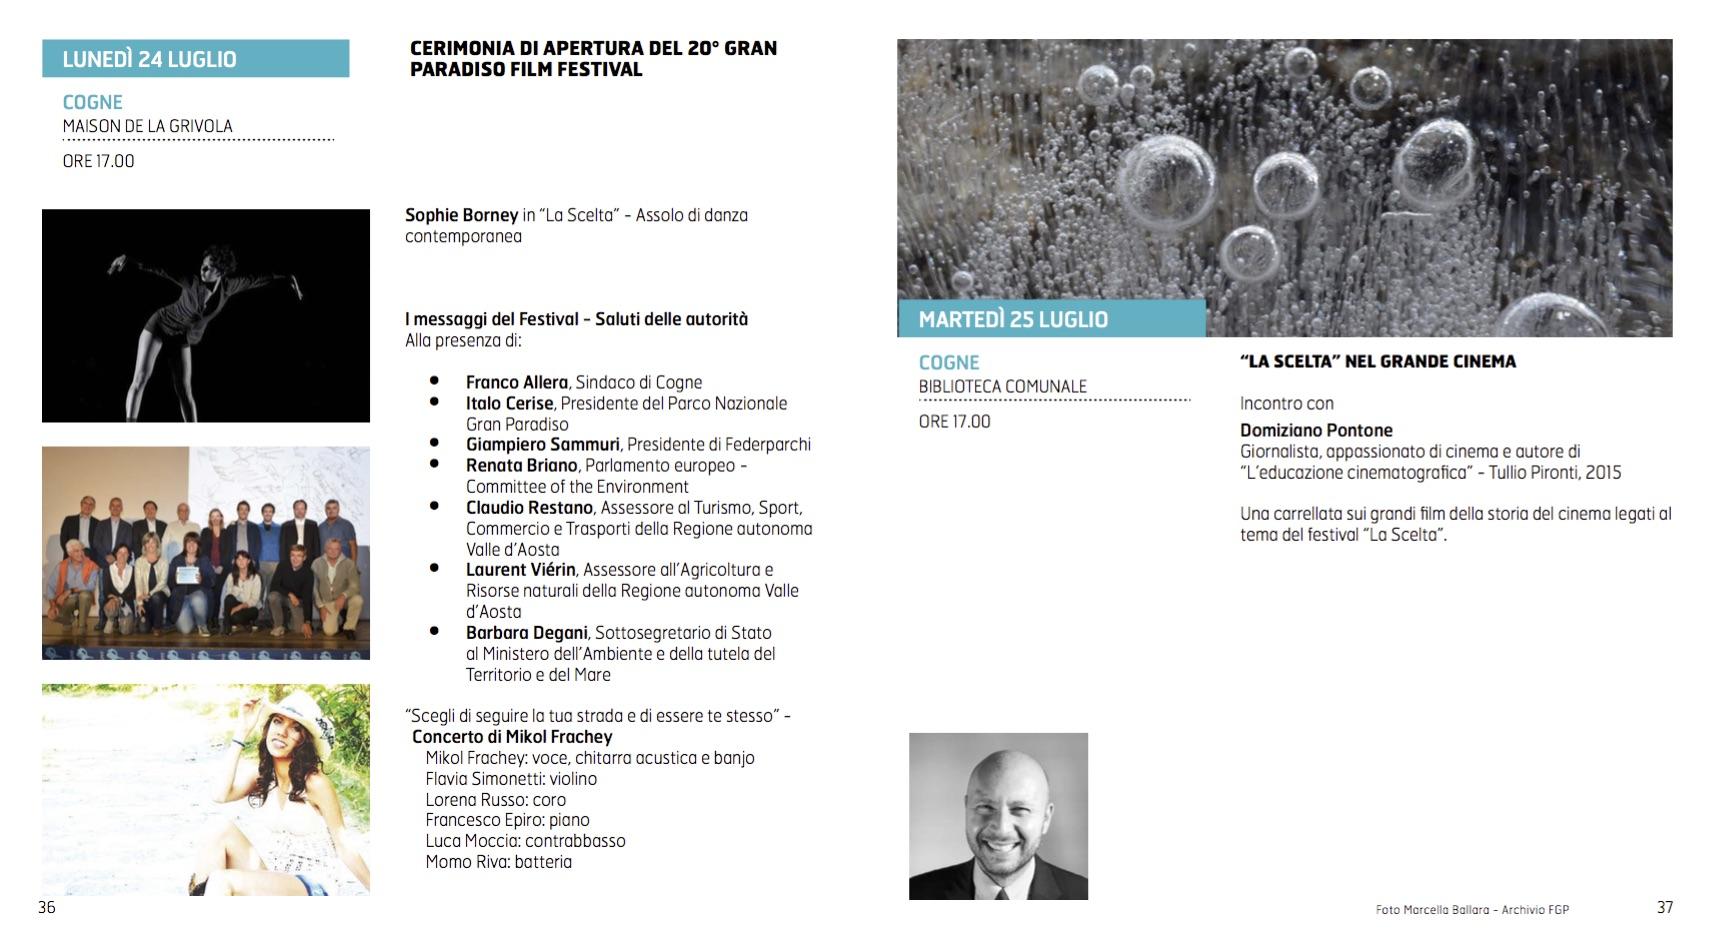 Programma Cogne 24 e 25-7 GPFF edizione 20